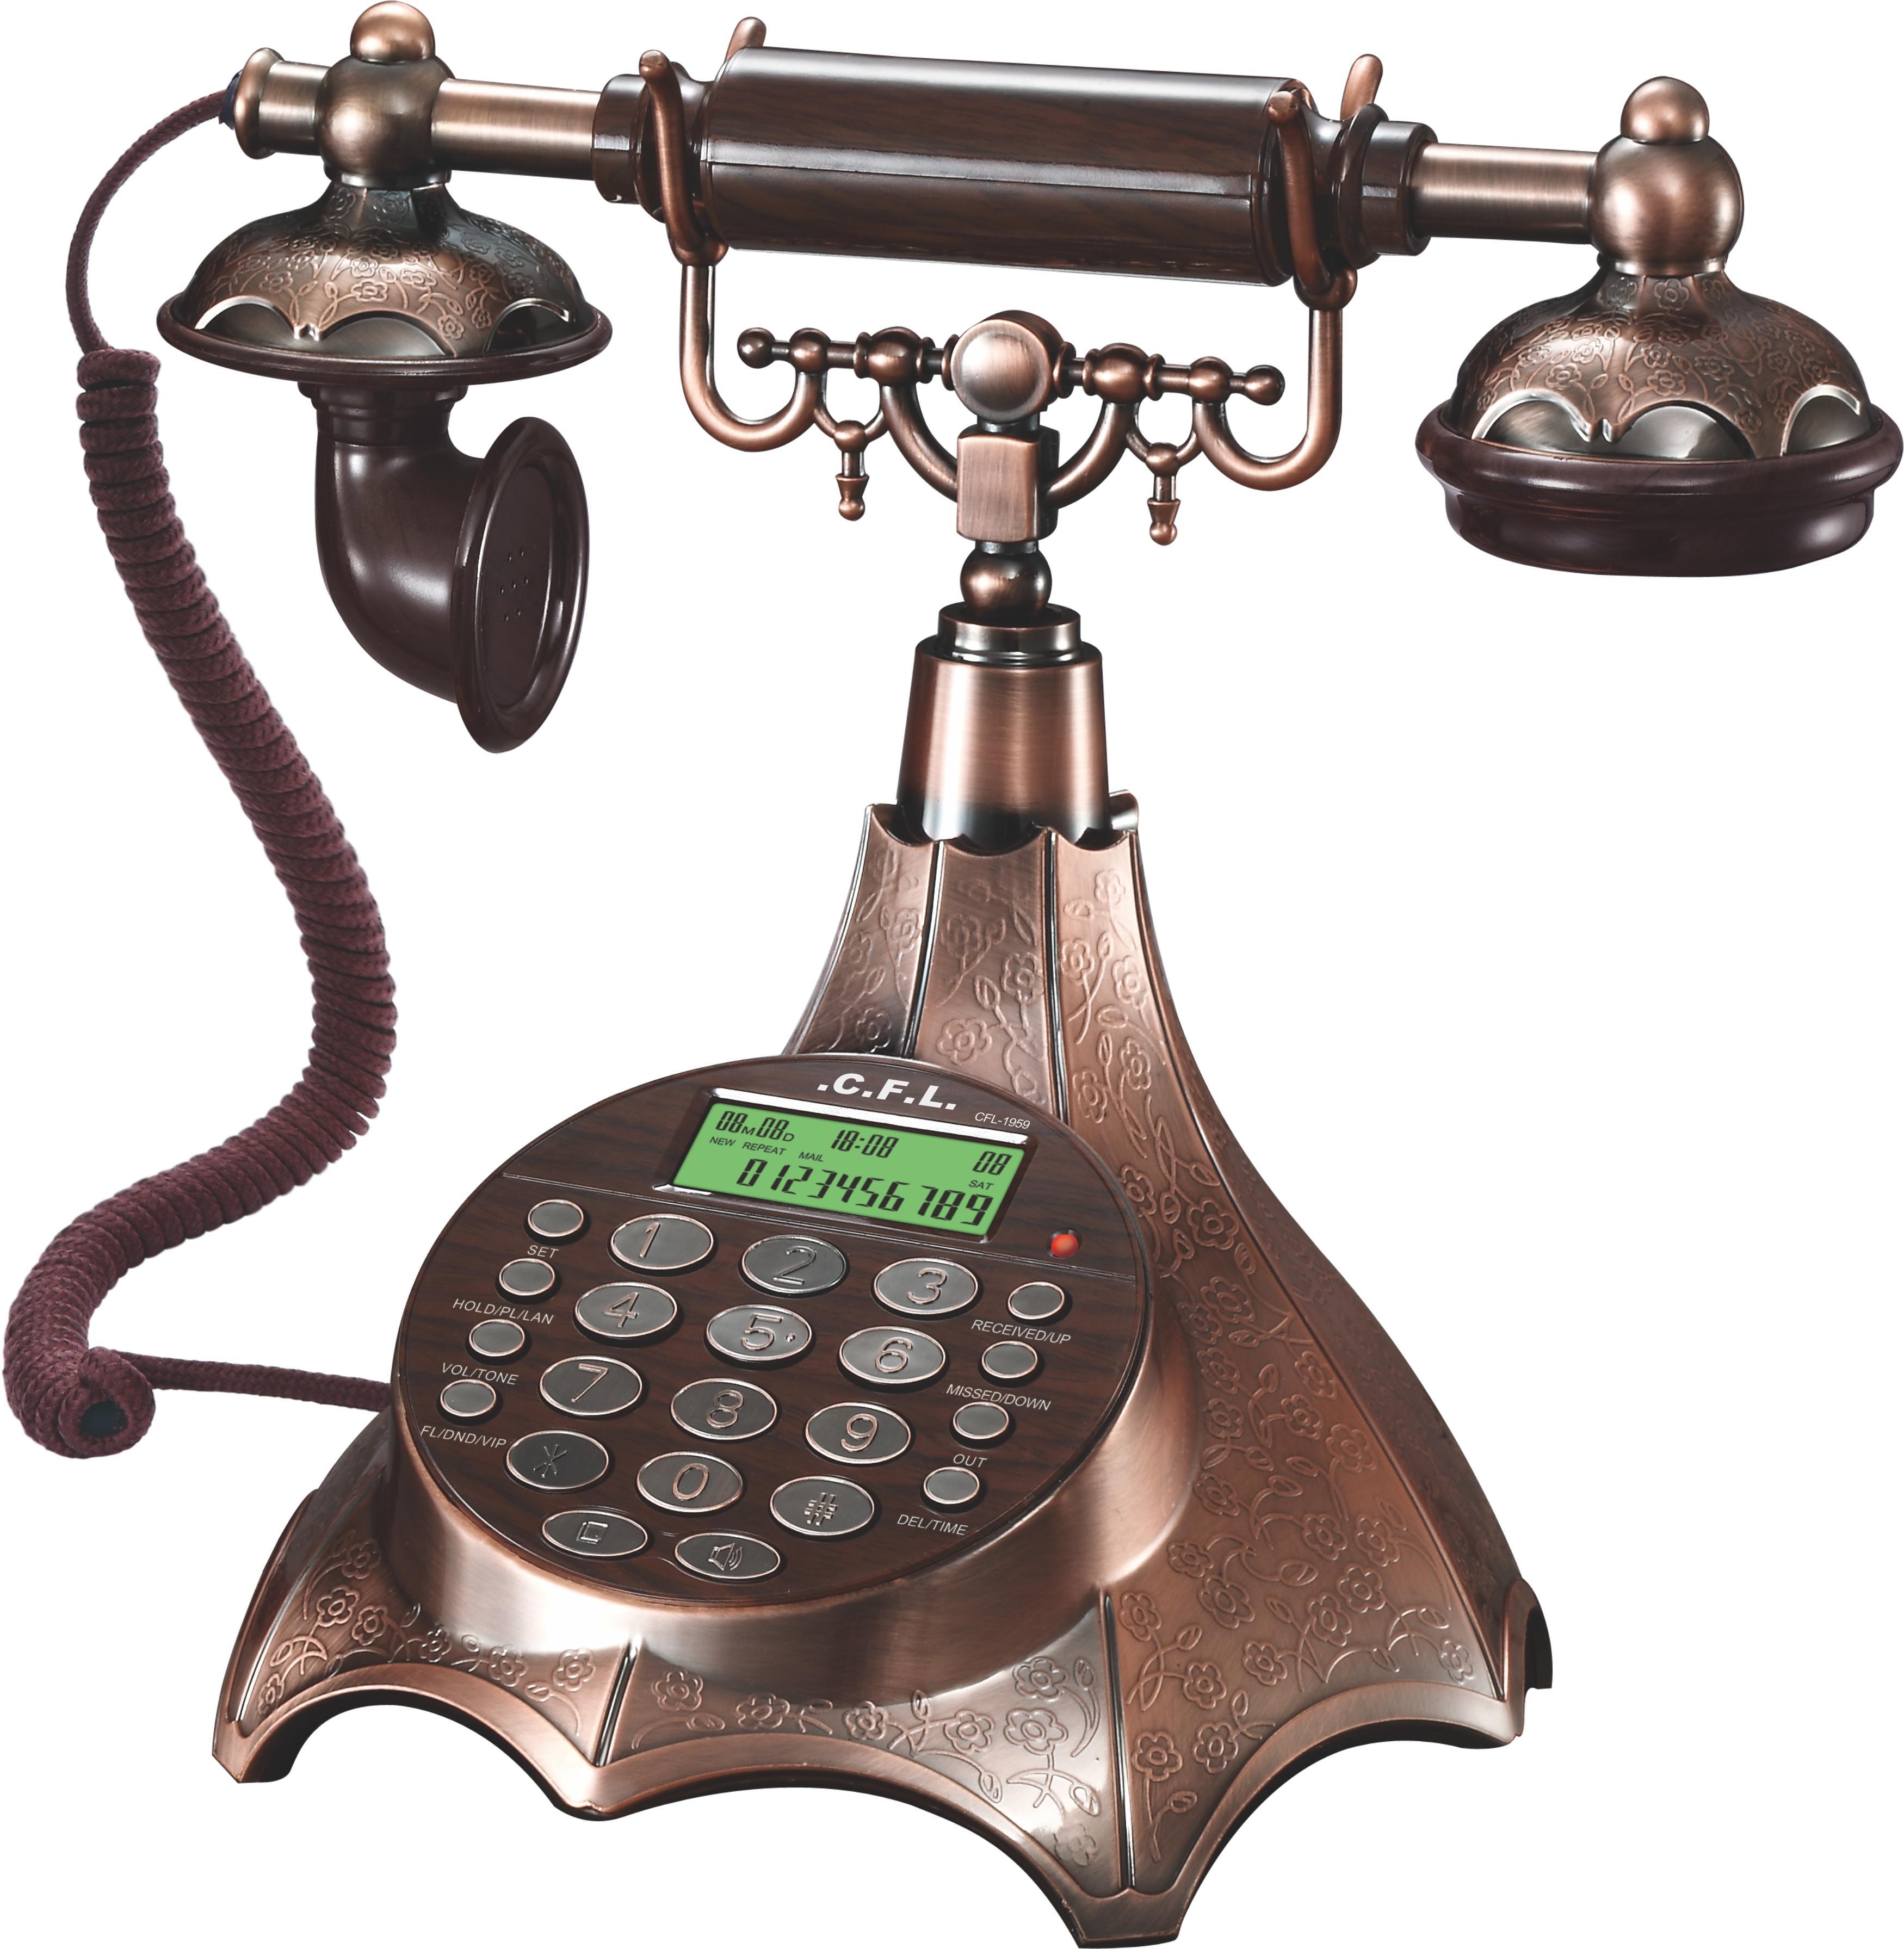 تلفن سی اف ال سلطنتی مدل 1959